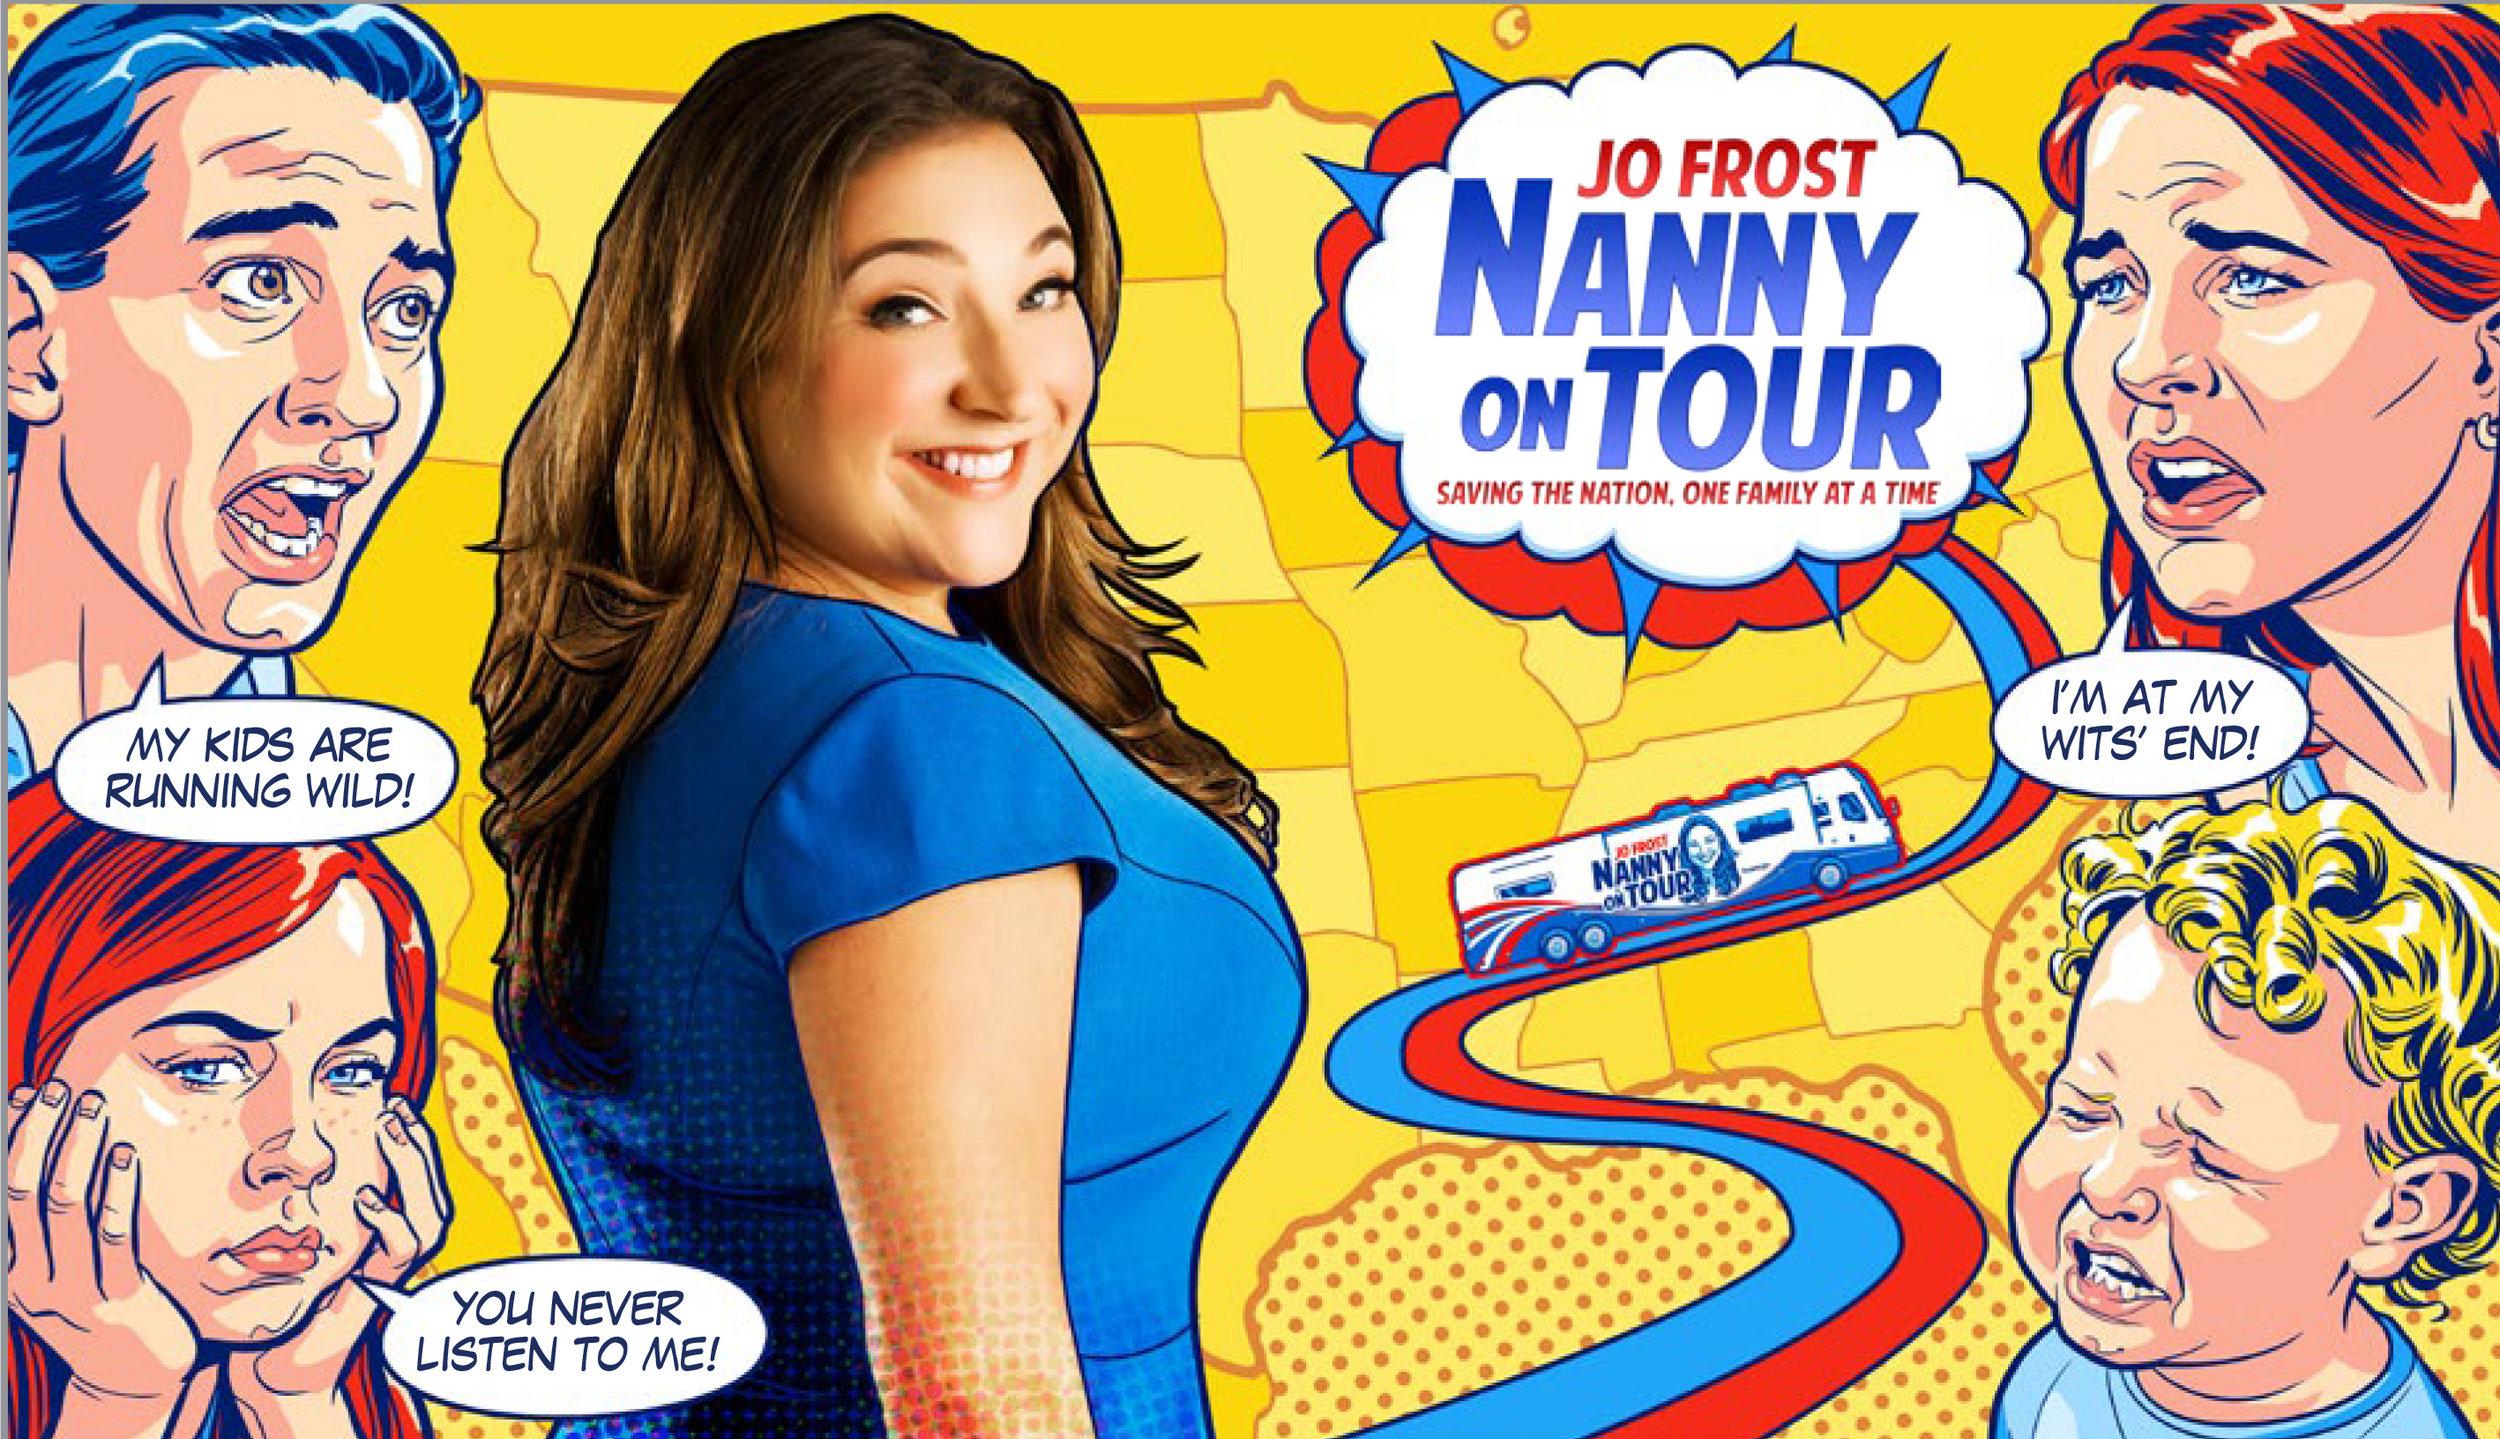 Jo Frost: Nanny on Tour key art